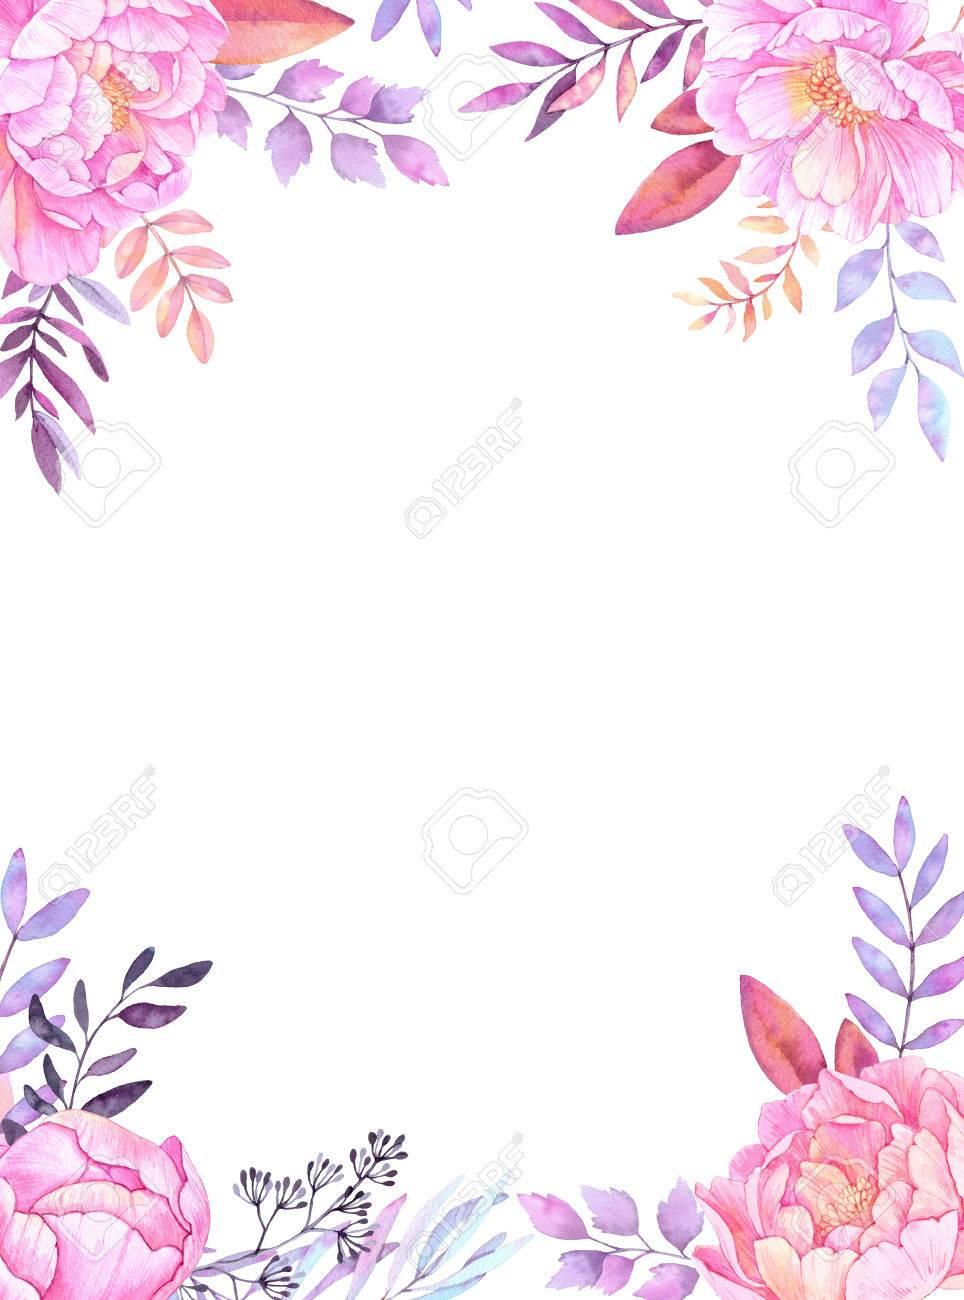 dibujado a mano ilustración acuarela marco con hojas ramas y